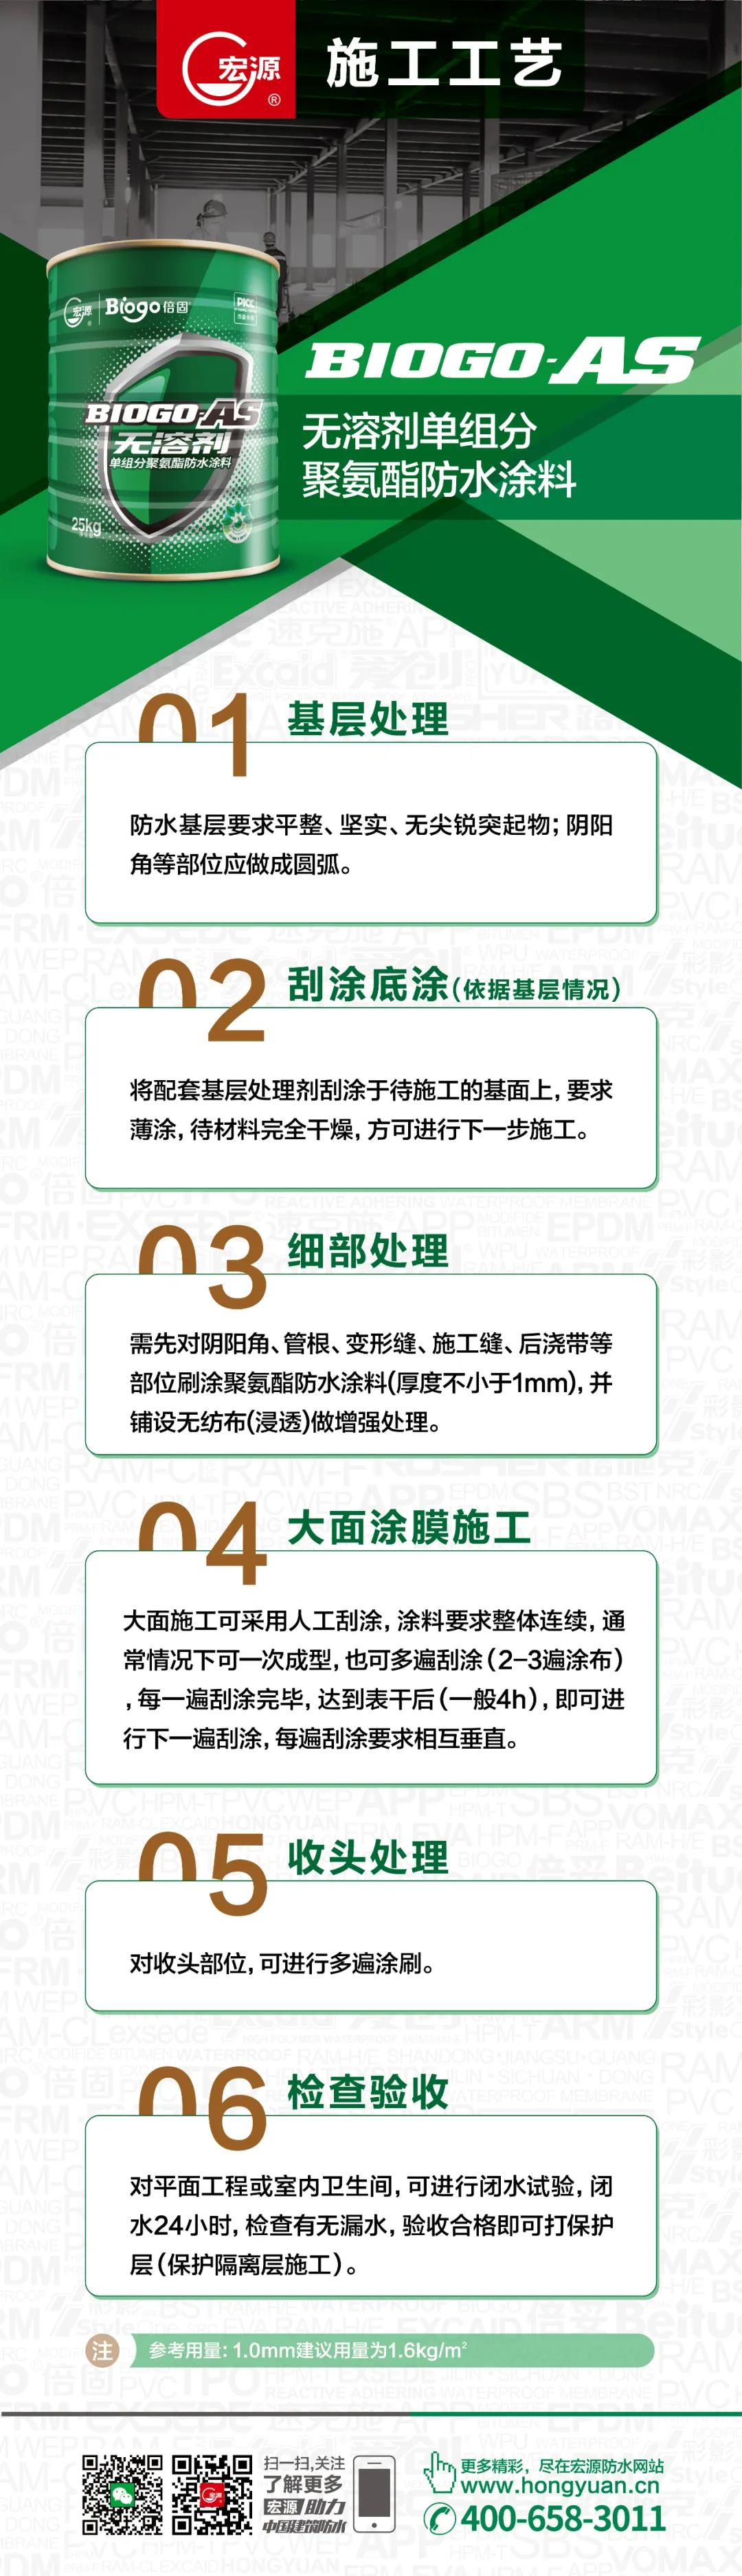 寰俊鍥剧墖_20210609135038.jpg